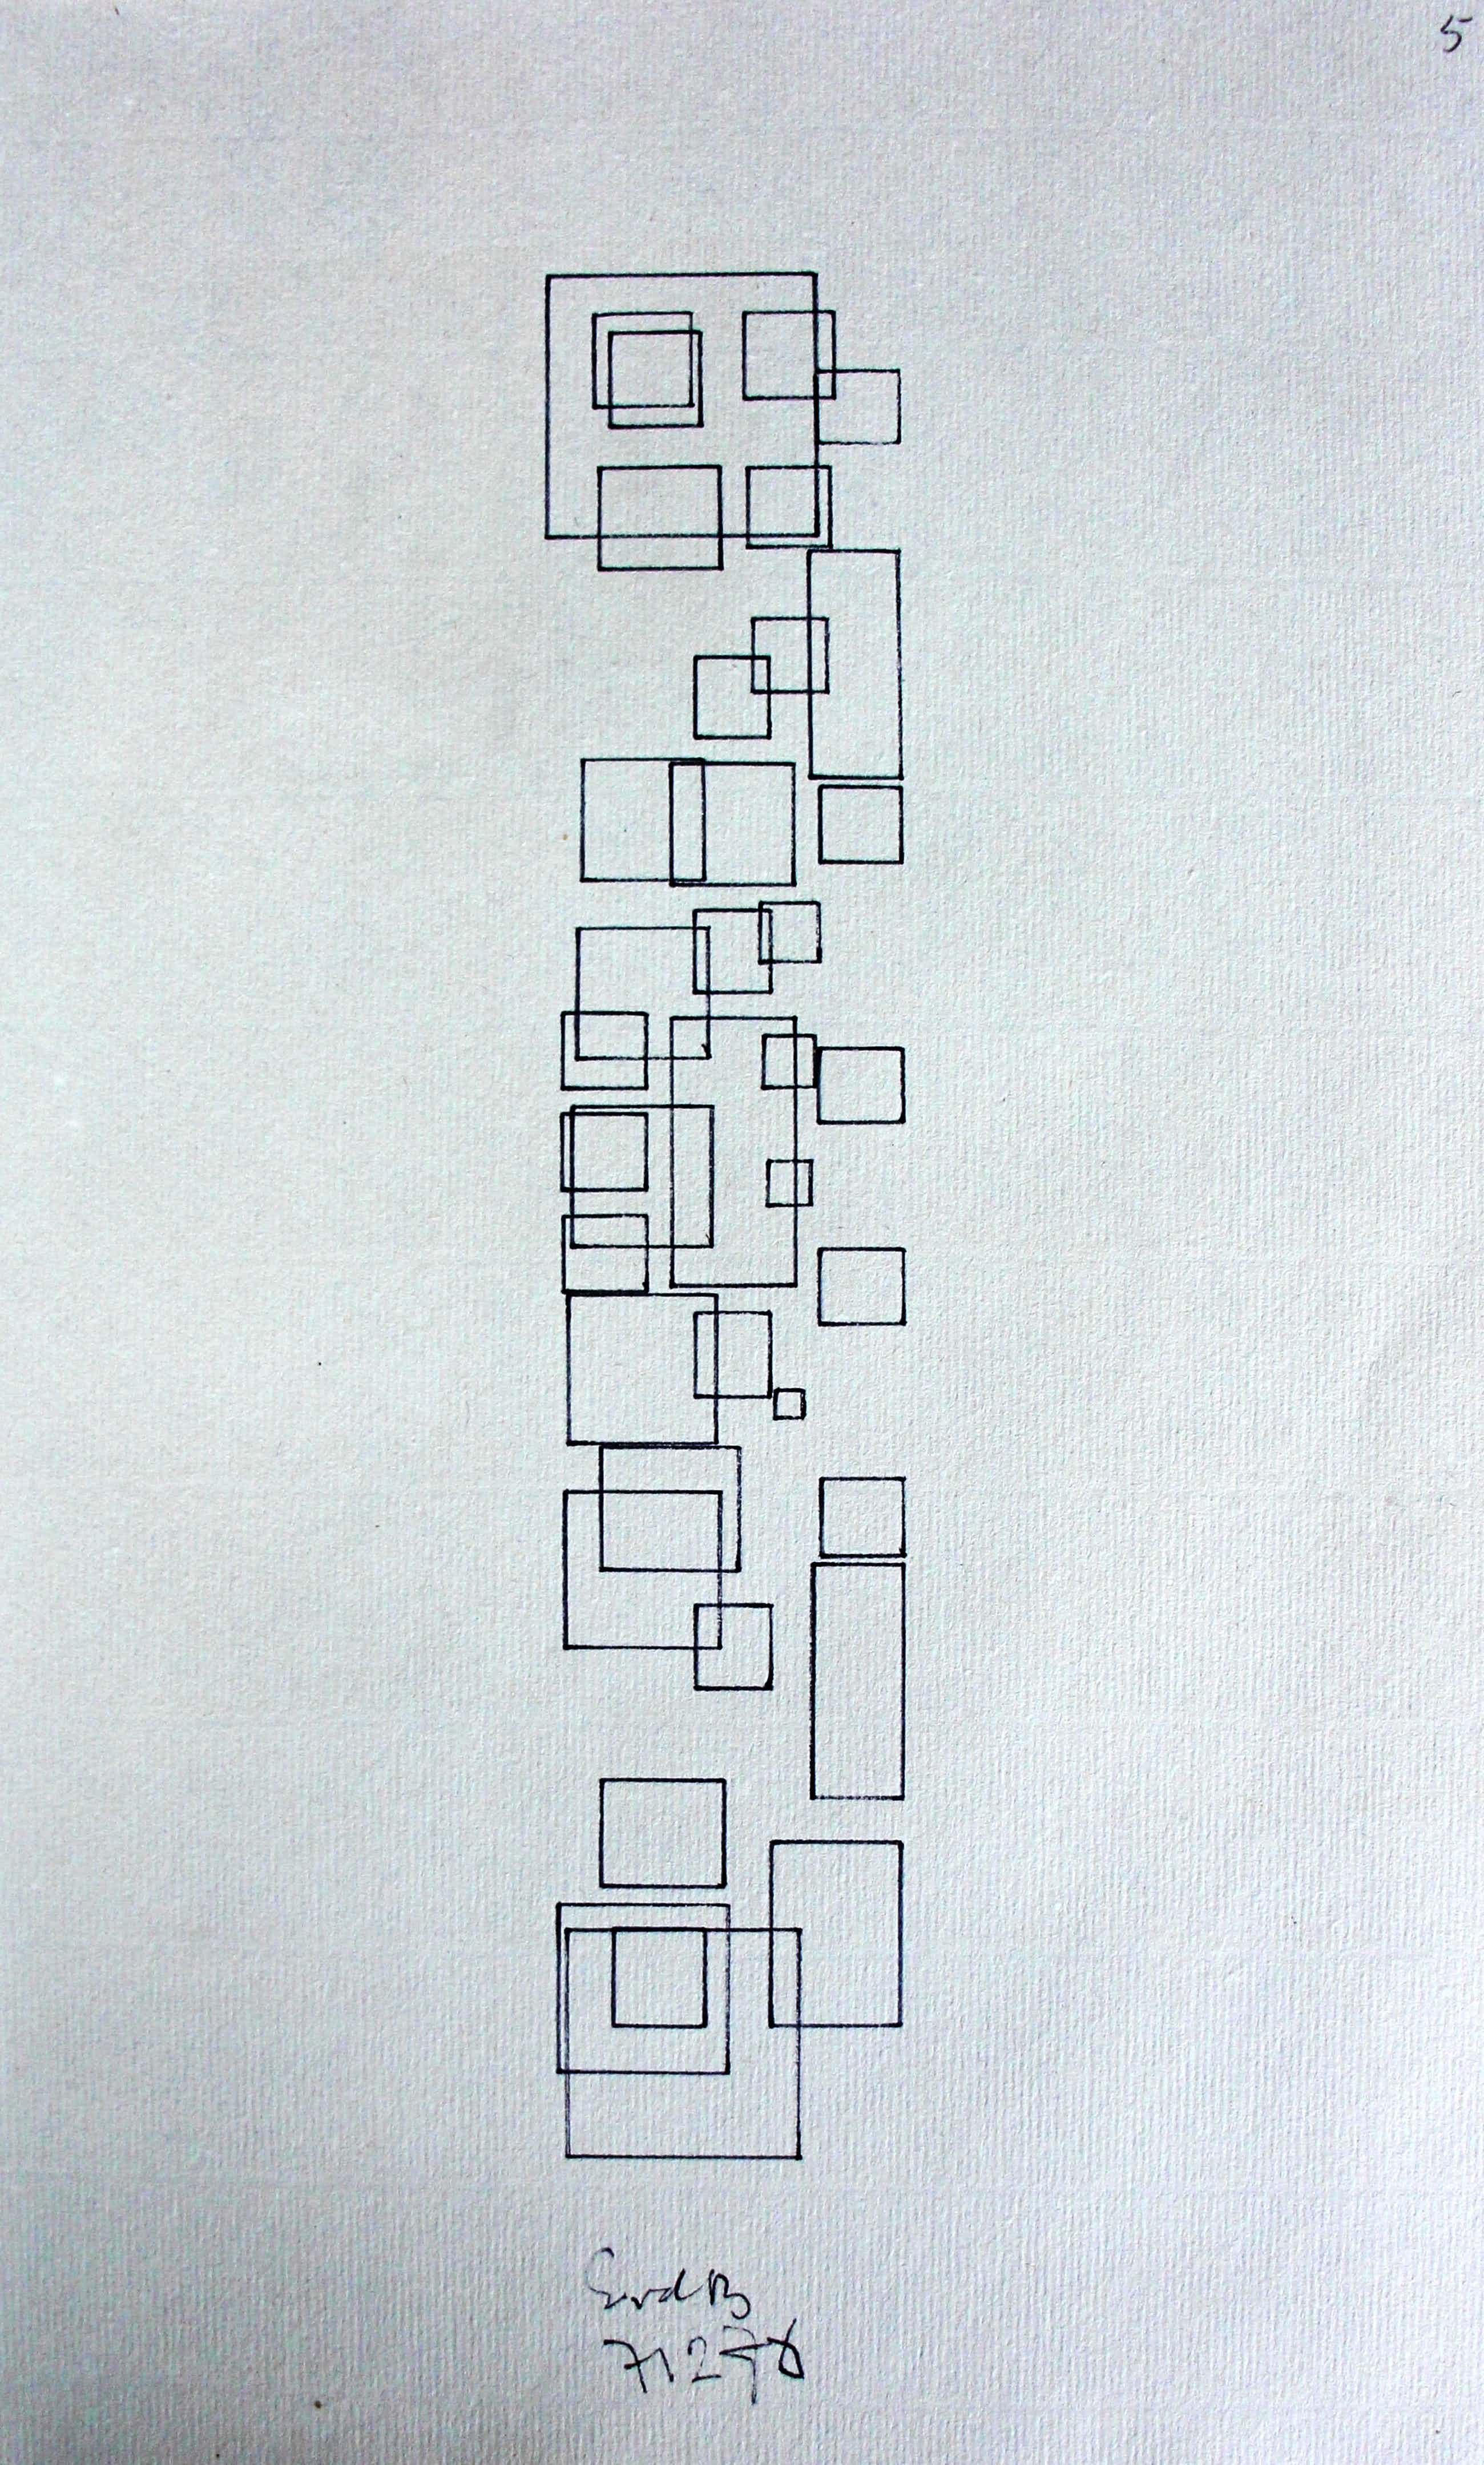 Siep van den Berg - pentekening - 1976 kopen? Bied vanaf 75!